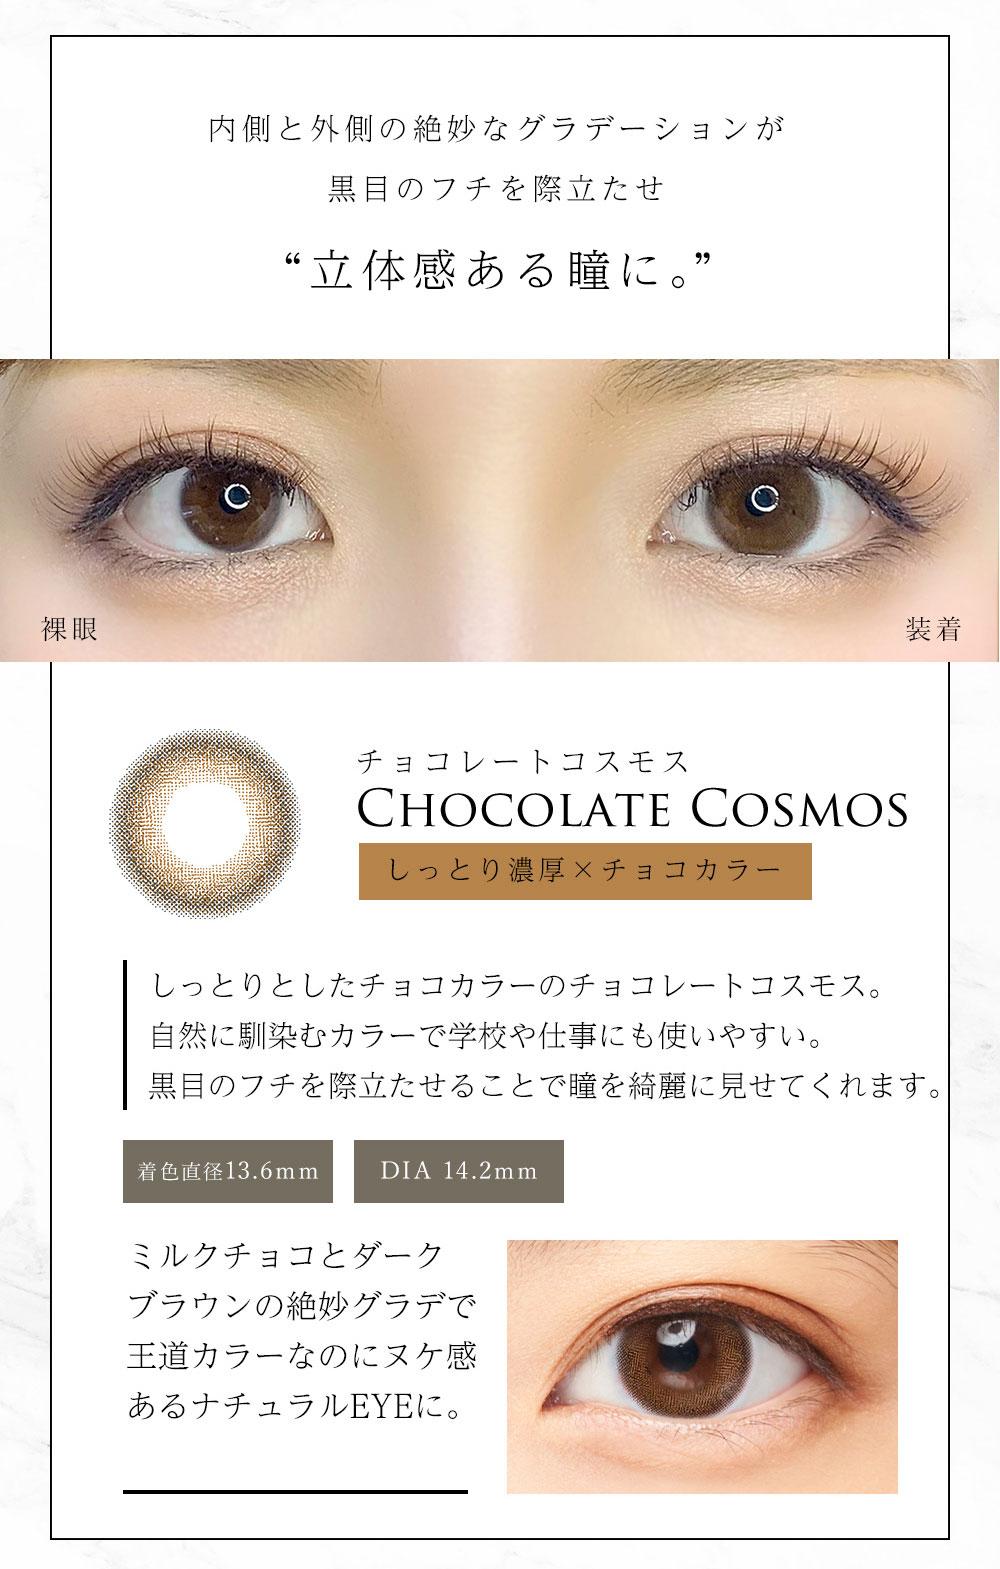 ダイヤDiyaブルームUVモイスト チョコレートコスモスレンズ詳細